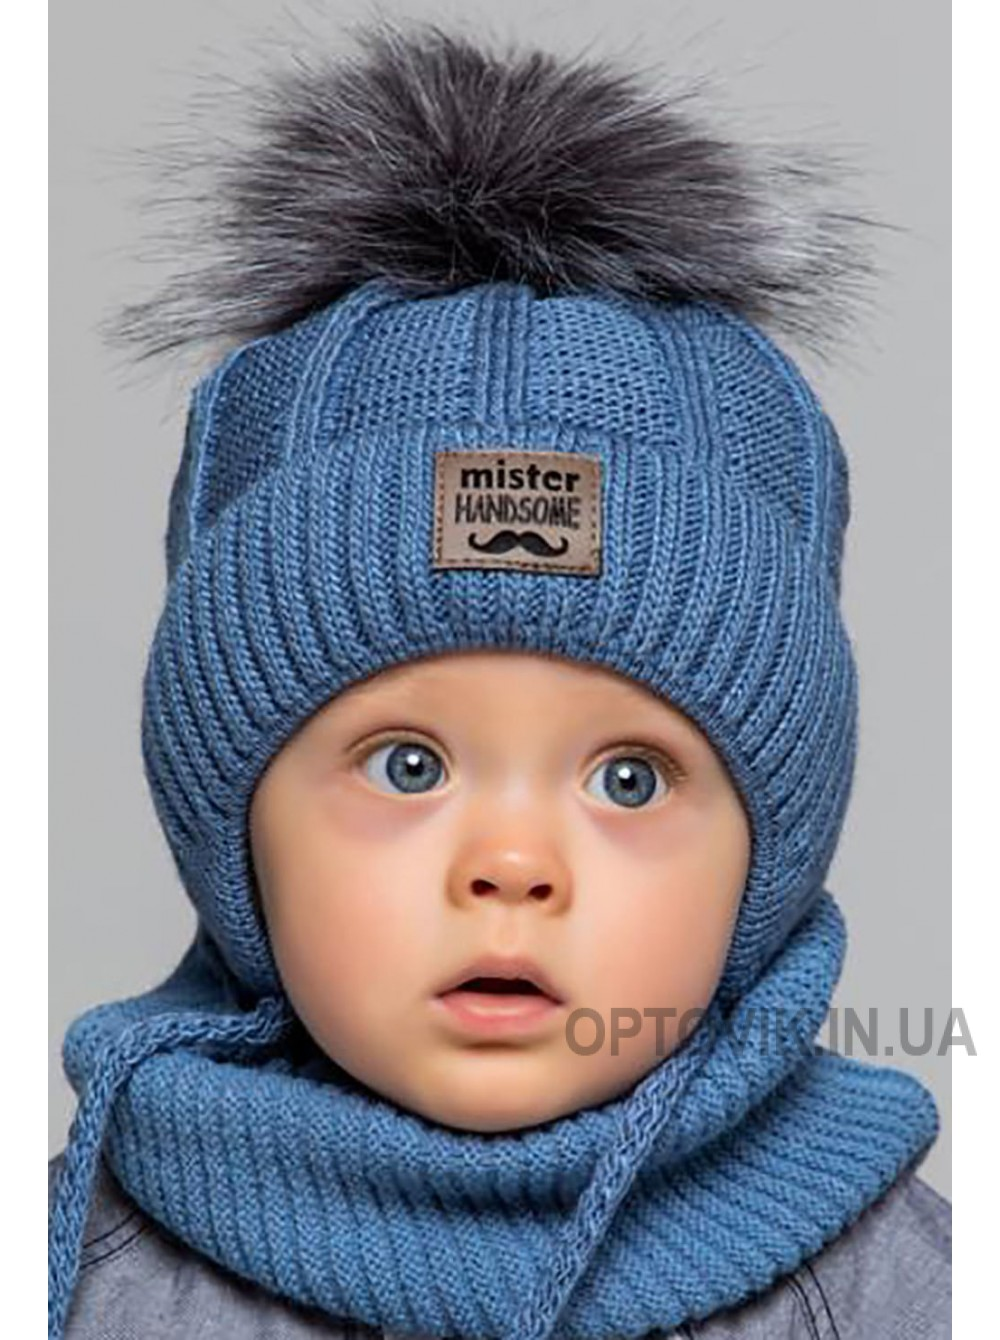 Детская вязаная шапка D603295-44-48 Мистер